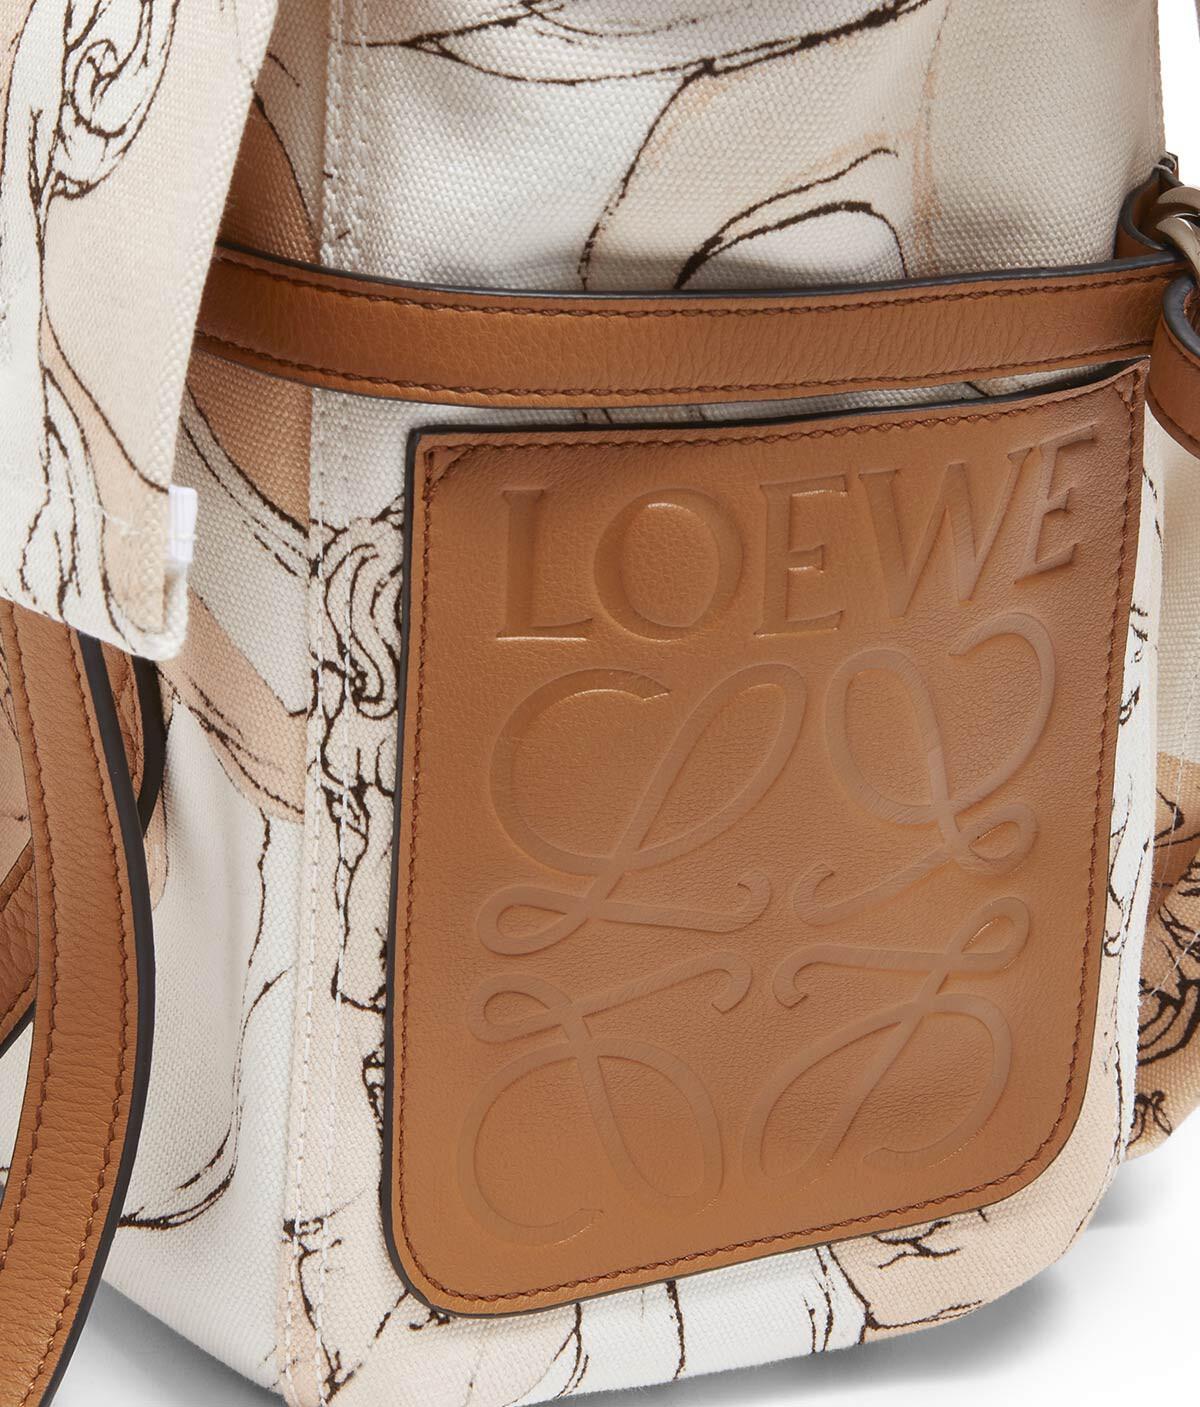 LOEWE Soft Messenger Faces S Bag Soft Pink/Ligth Caramel  front